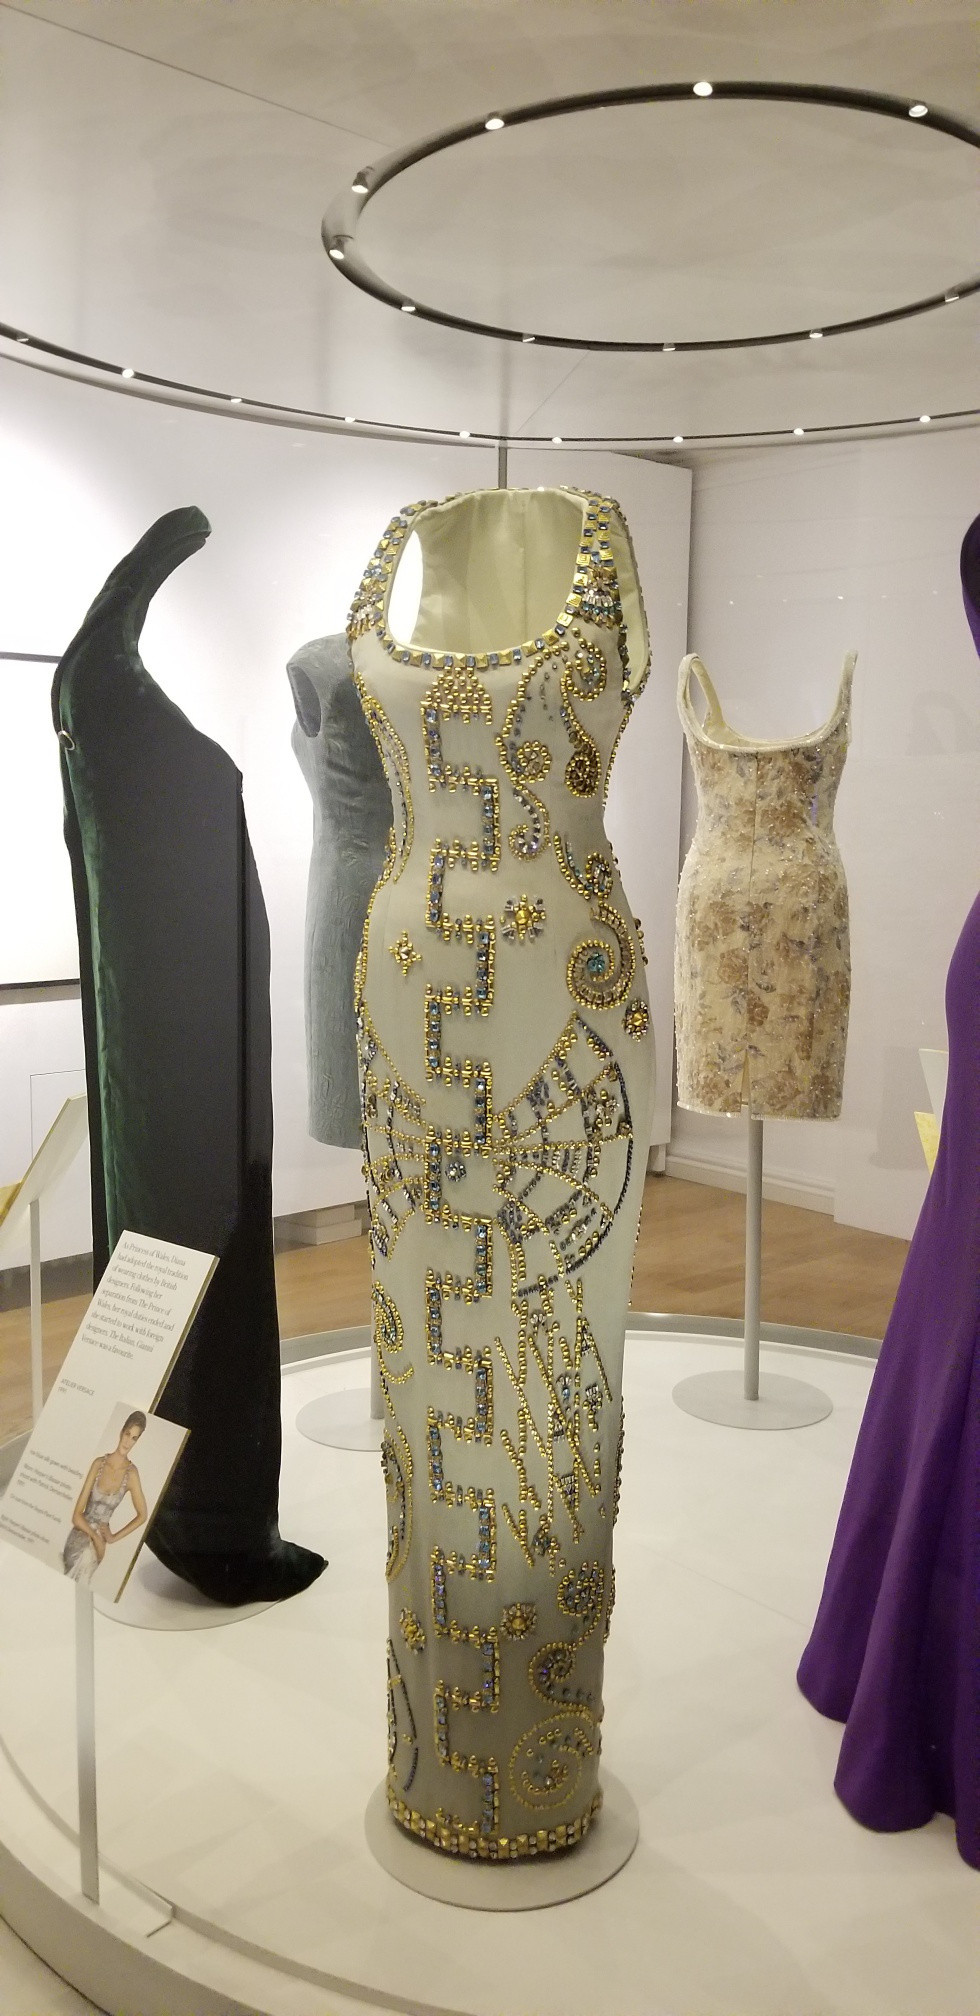 Diana versace dress